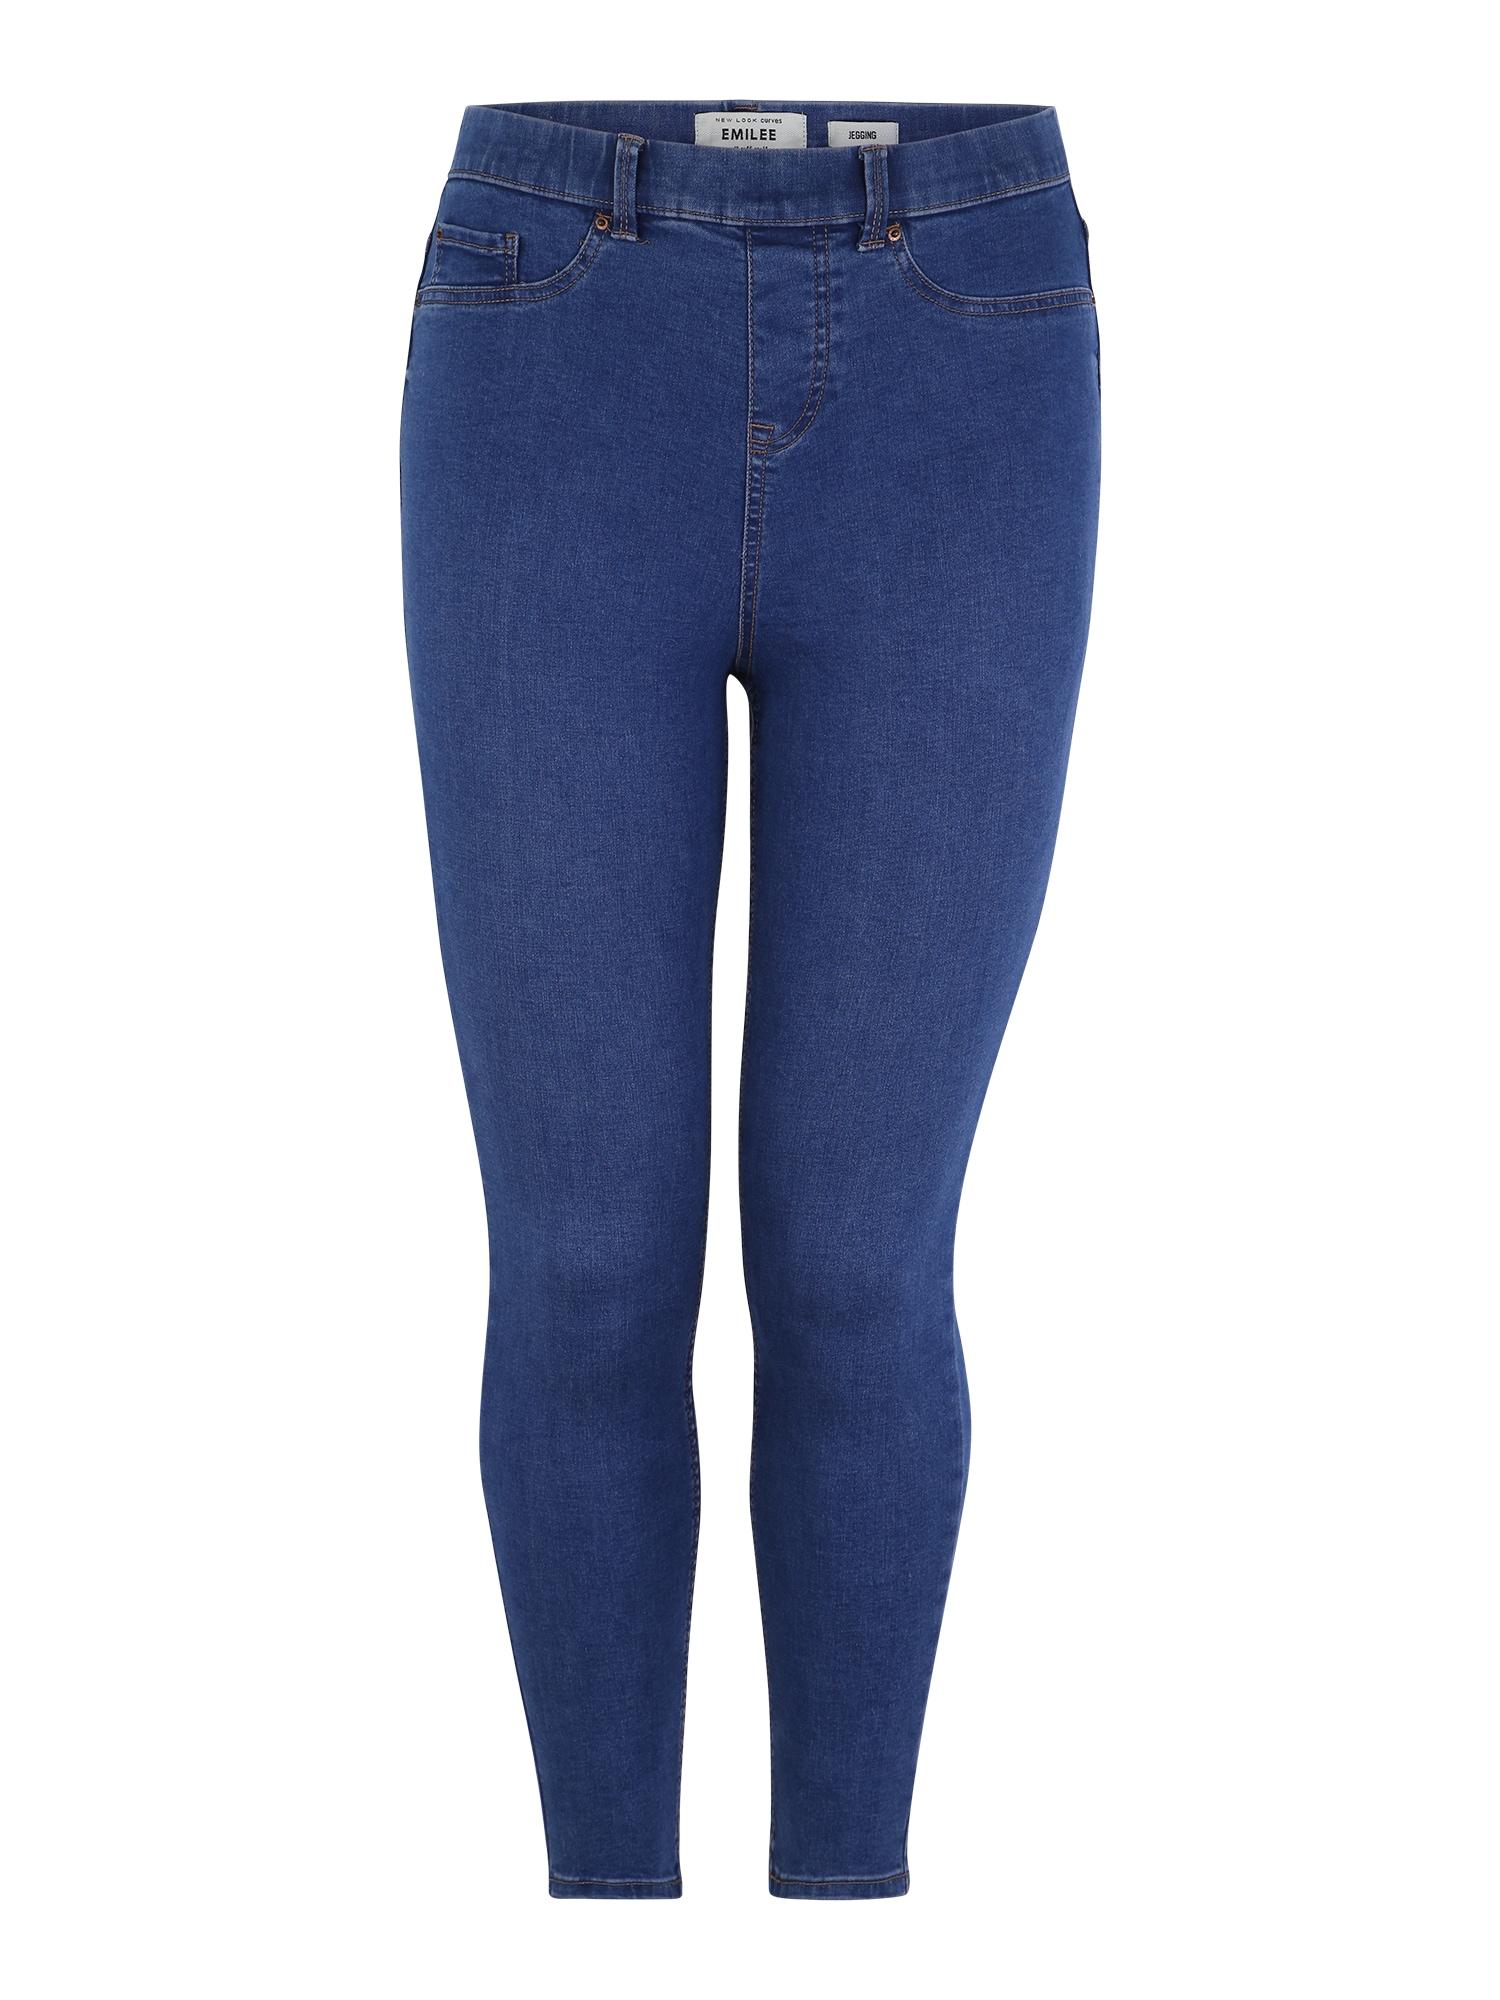 Jeggíny modrá džínovina New Look Curves